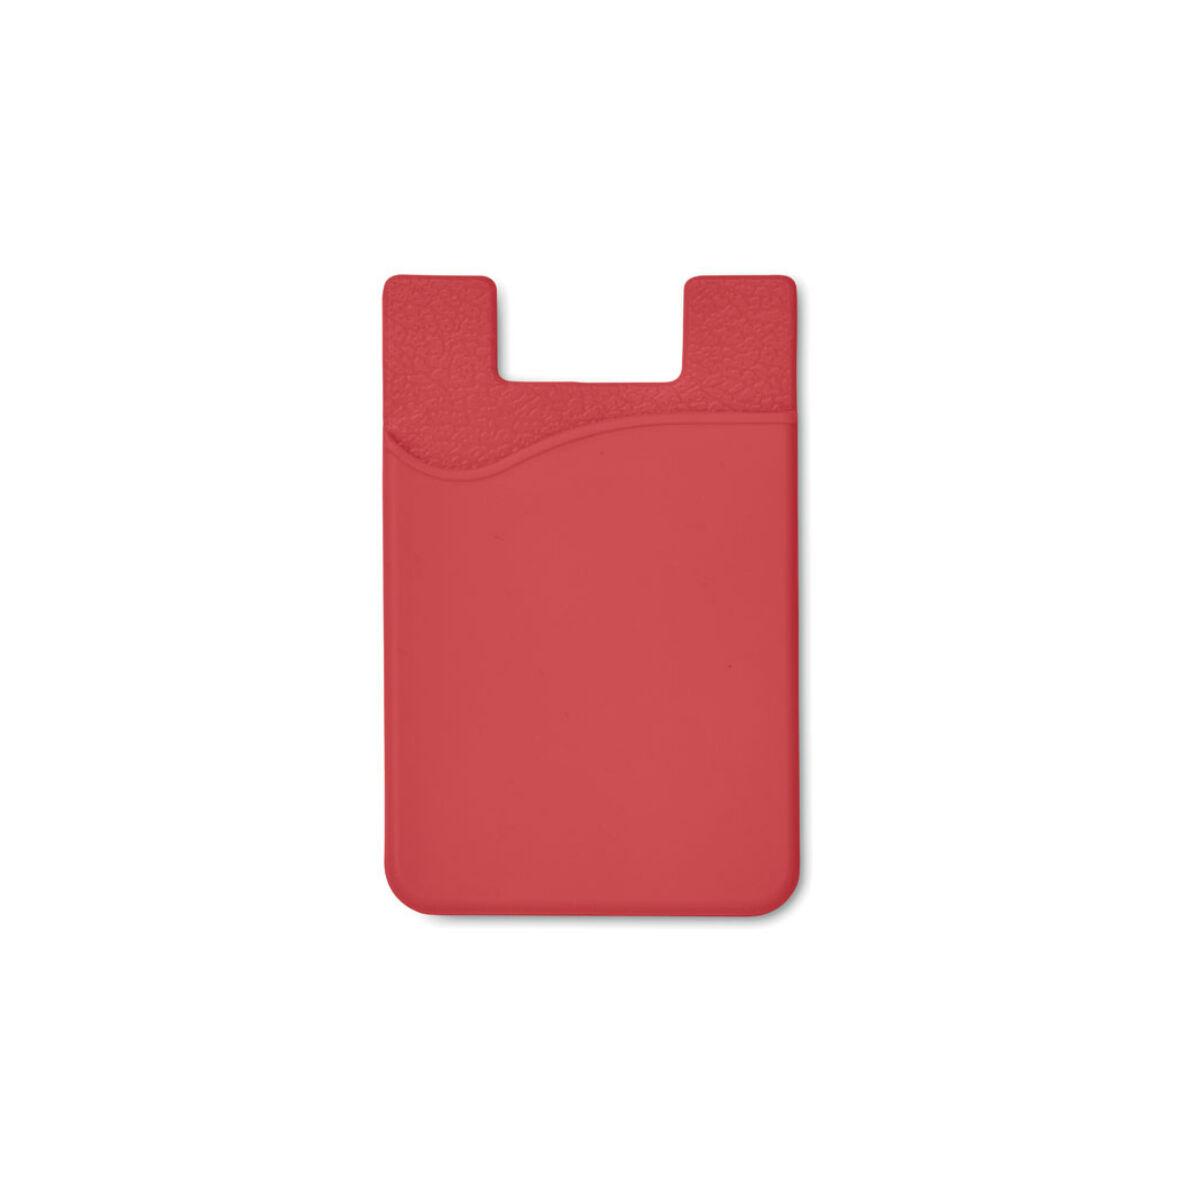 Smartphone Cardholder (Red)